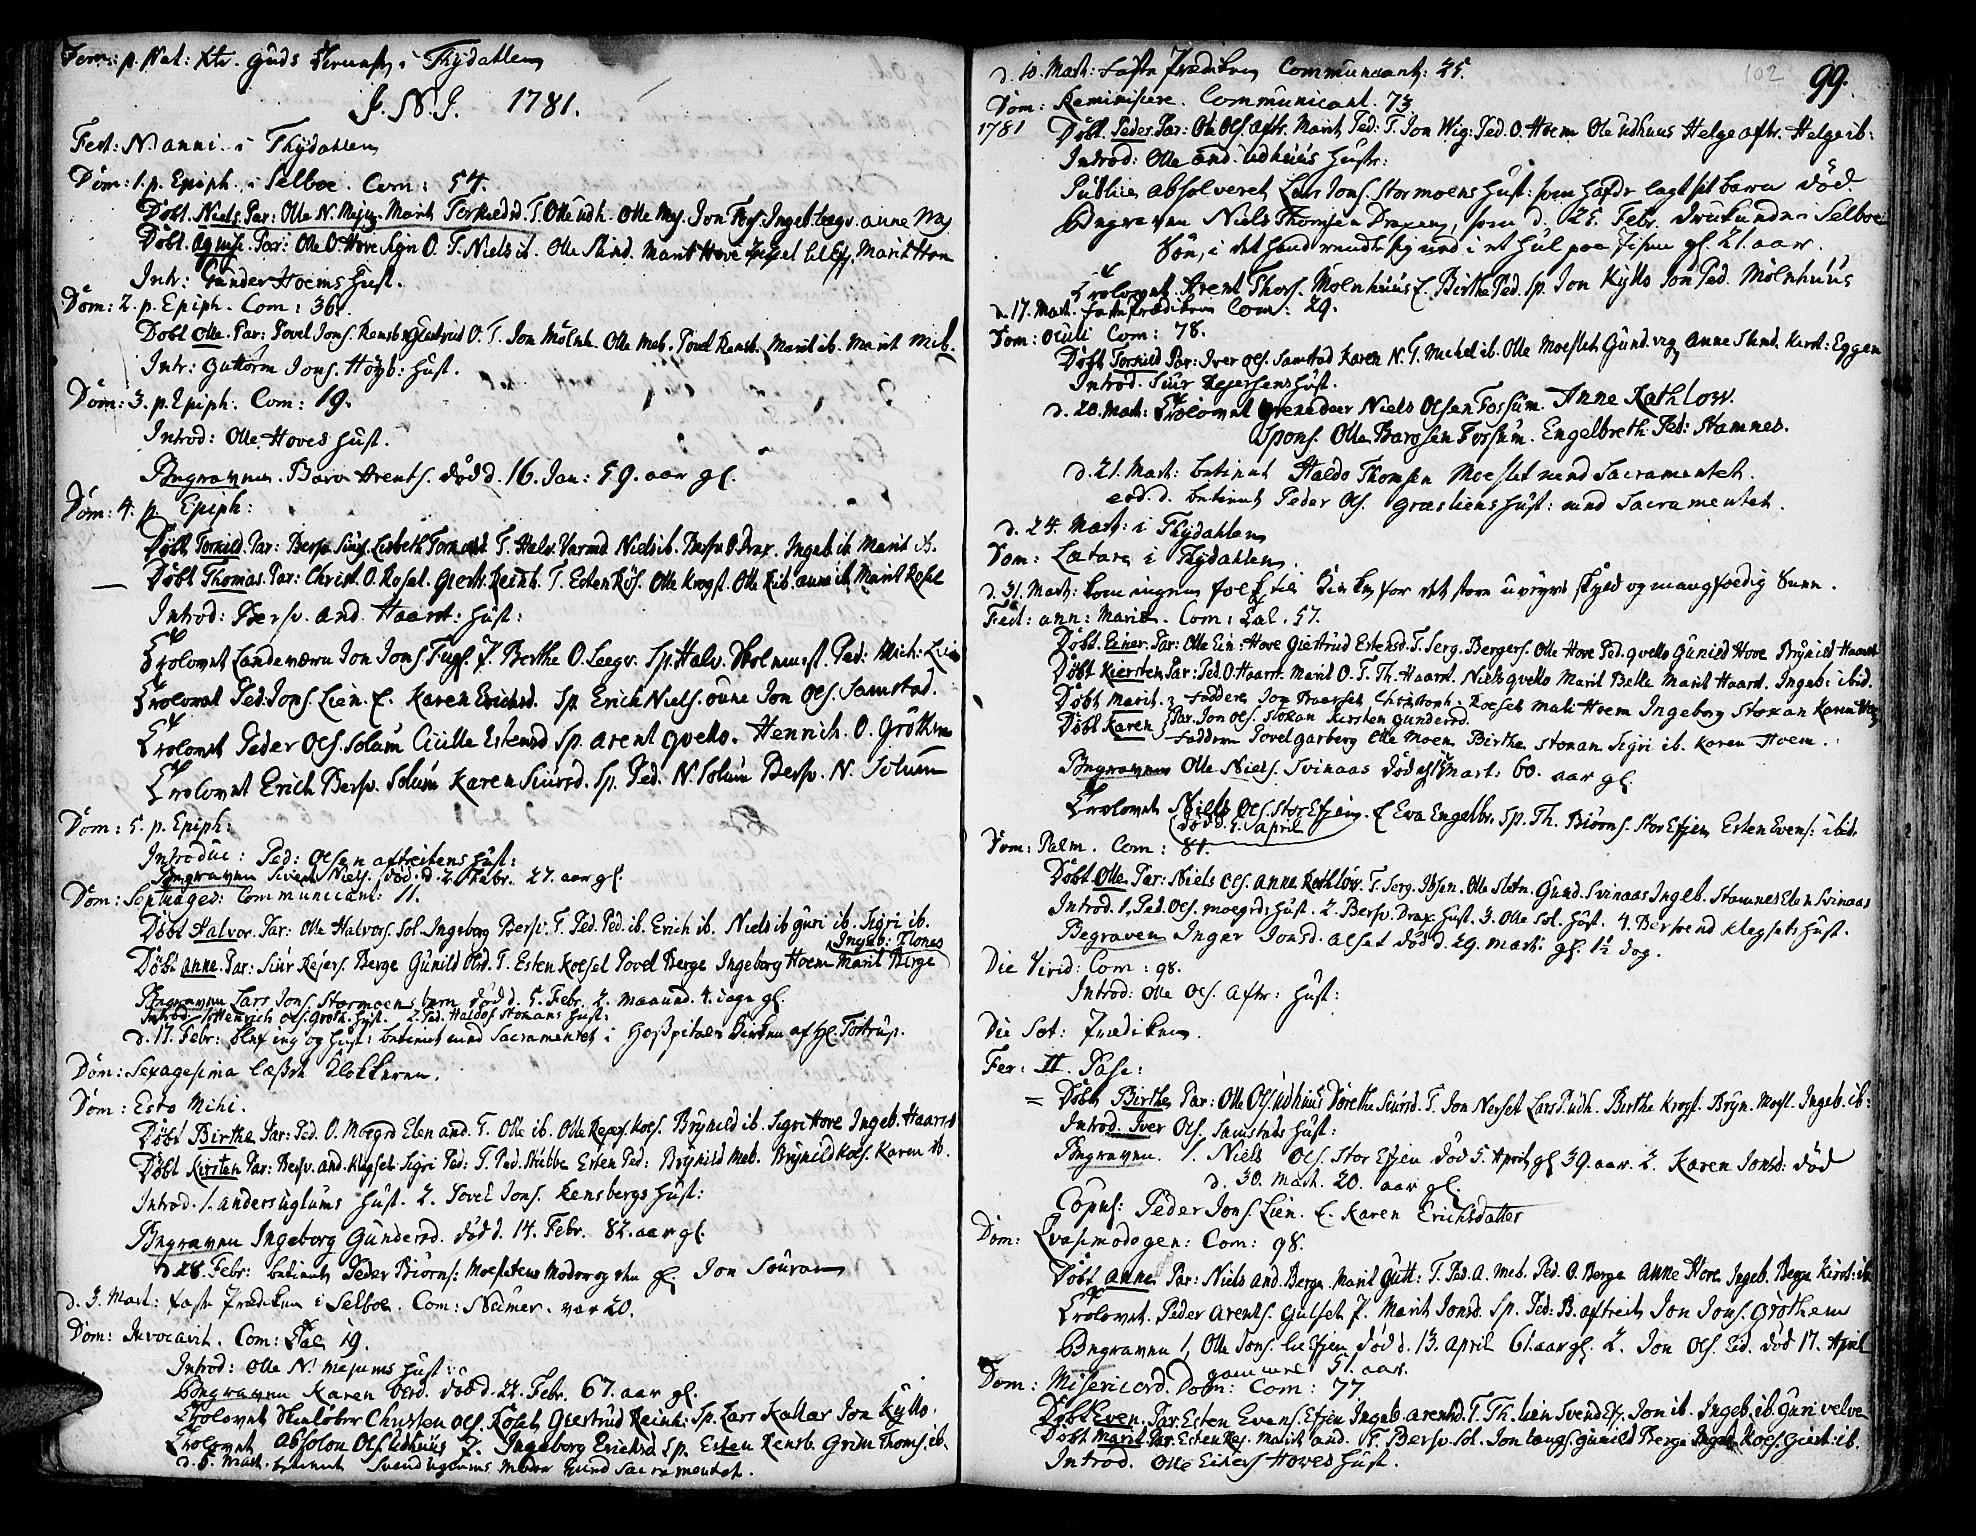 SAT, Ministerialprotokoller, klokkerbøker og fødselsregistre - Sør-Trøndelag, 695/L1138: Ministerialbok nr. 695A02 /1, 1757-1801, s. 102